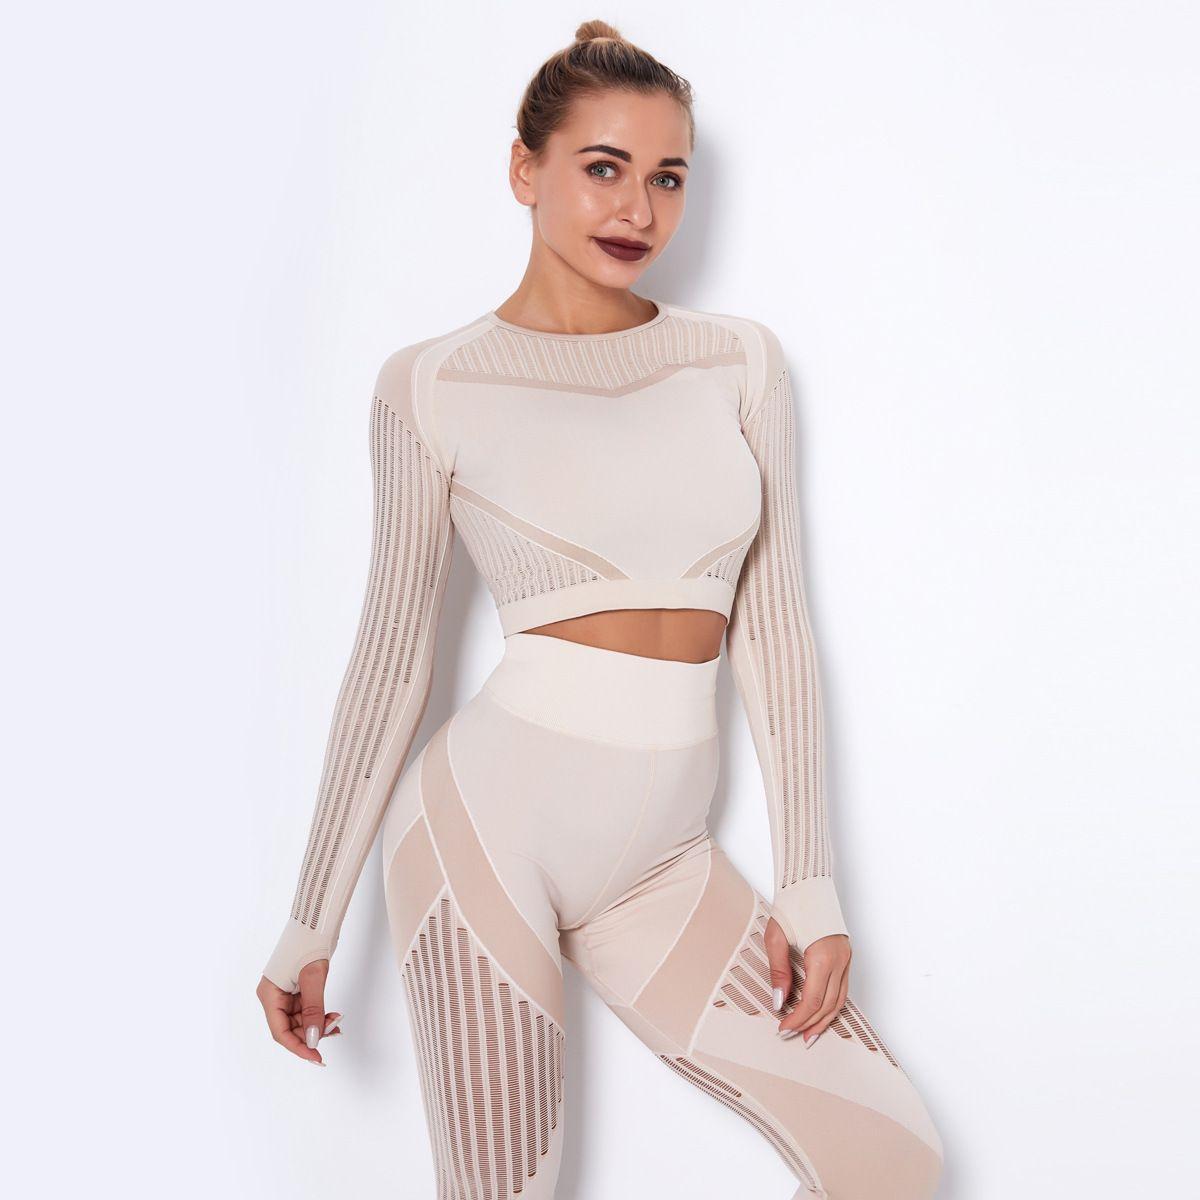 Nuevos Deportes Tight hueco de plástico superior de secado rápido Correr Yoga ropa de manga larga sin fisuras la aptitud Pantalones largos de la manera fijado chándal